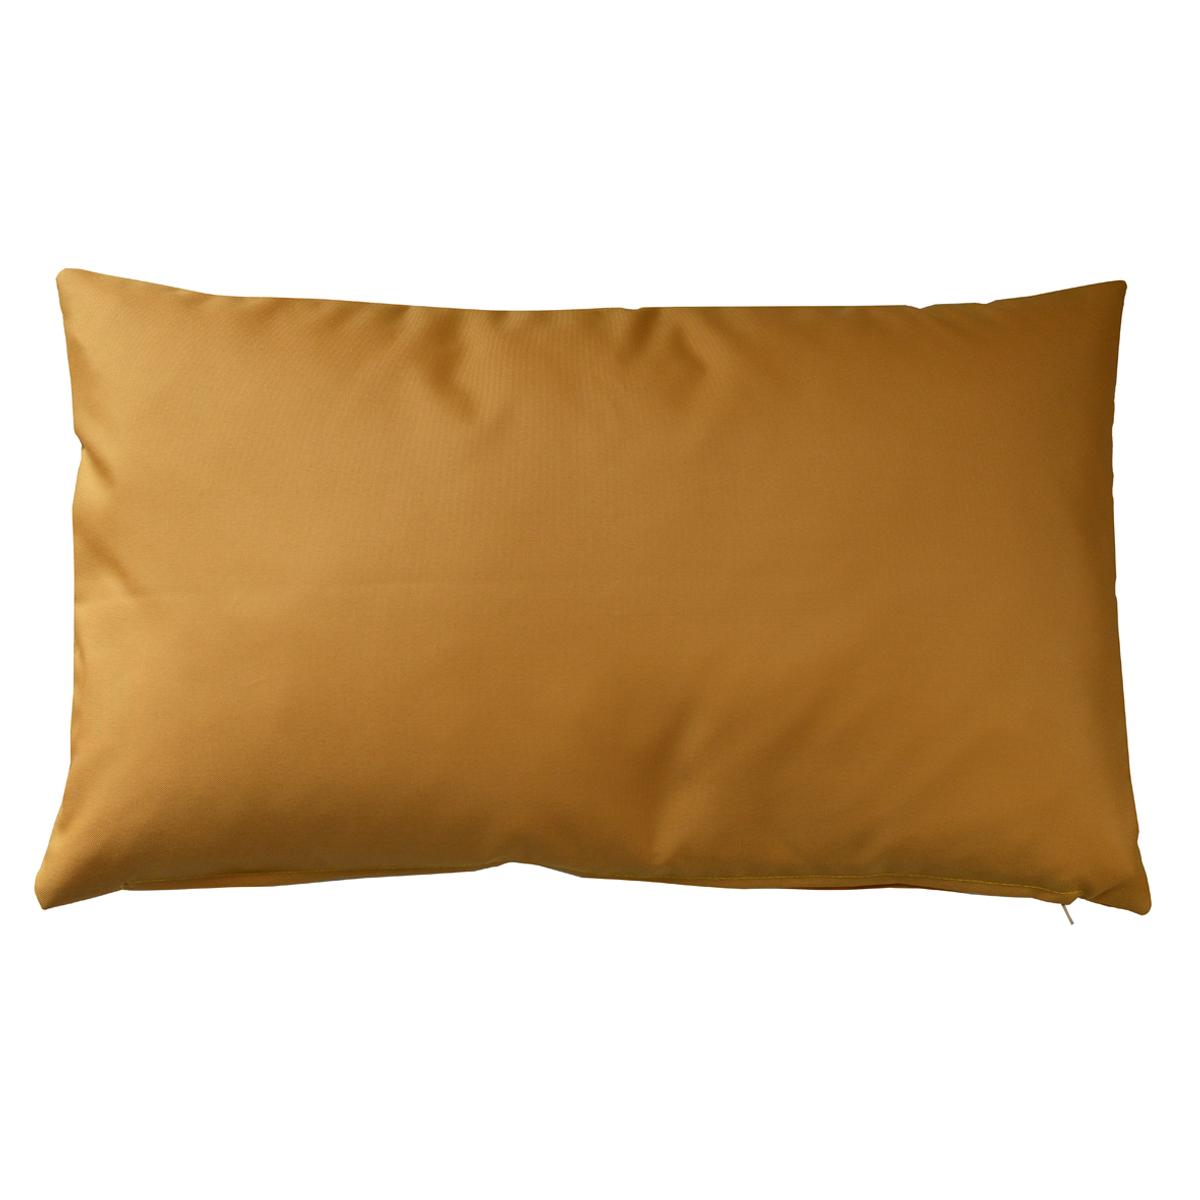 Housse de coussin d'extérieur en tissu outdoor (Moutarde)